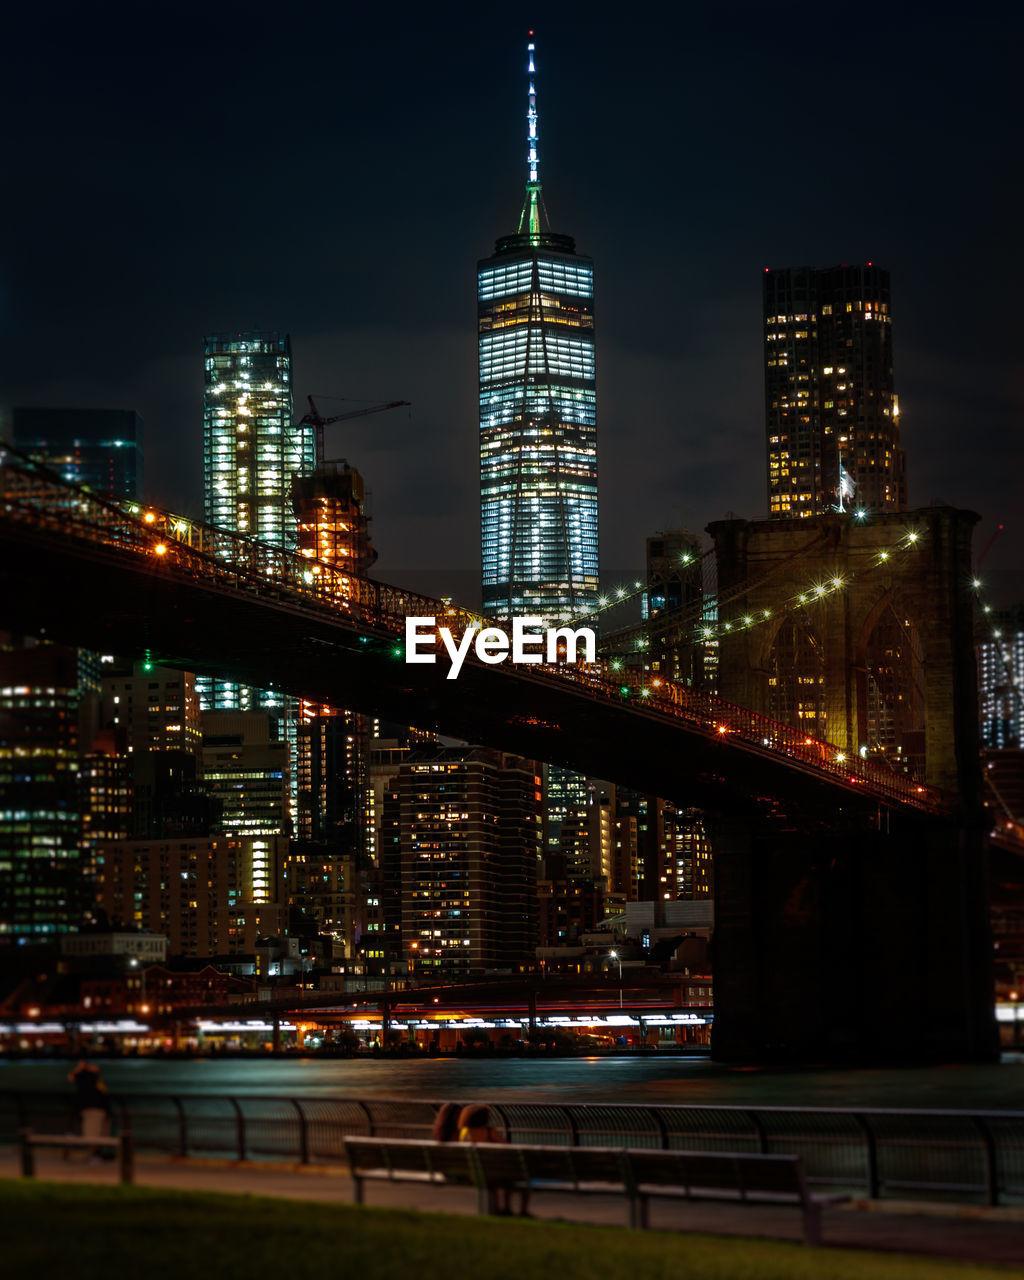 The brooklyn bridge in night time